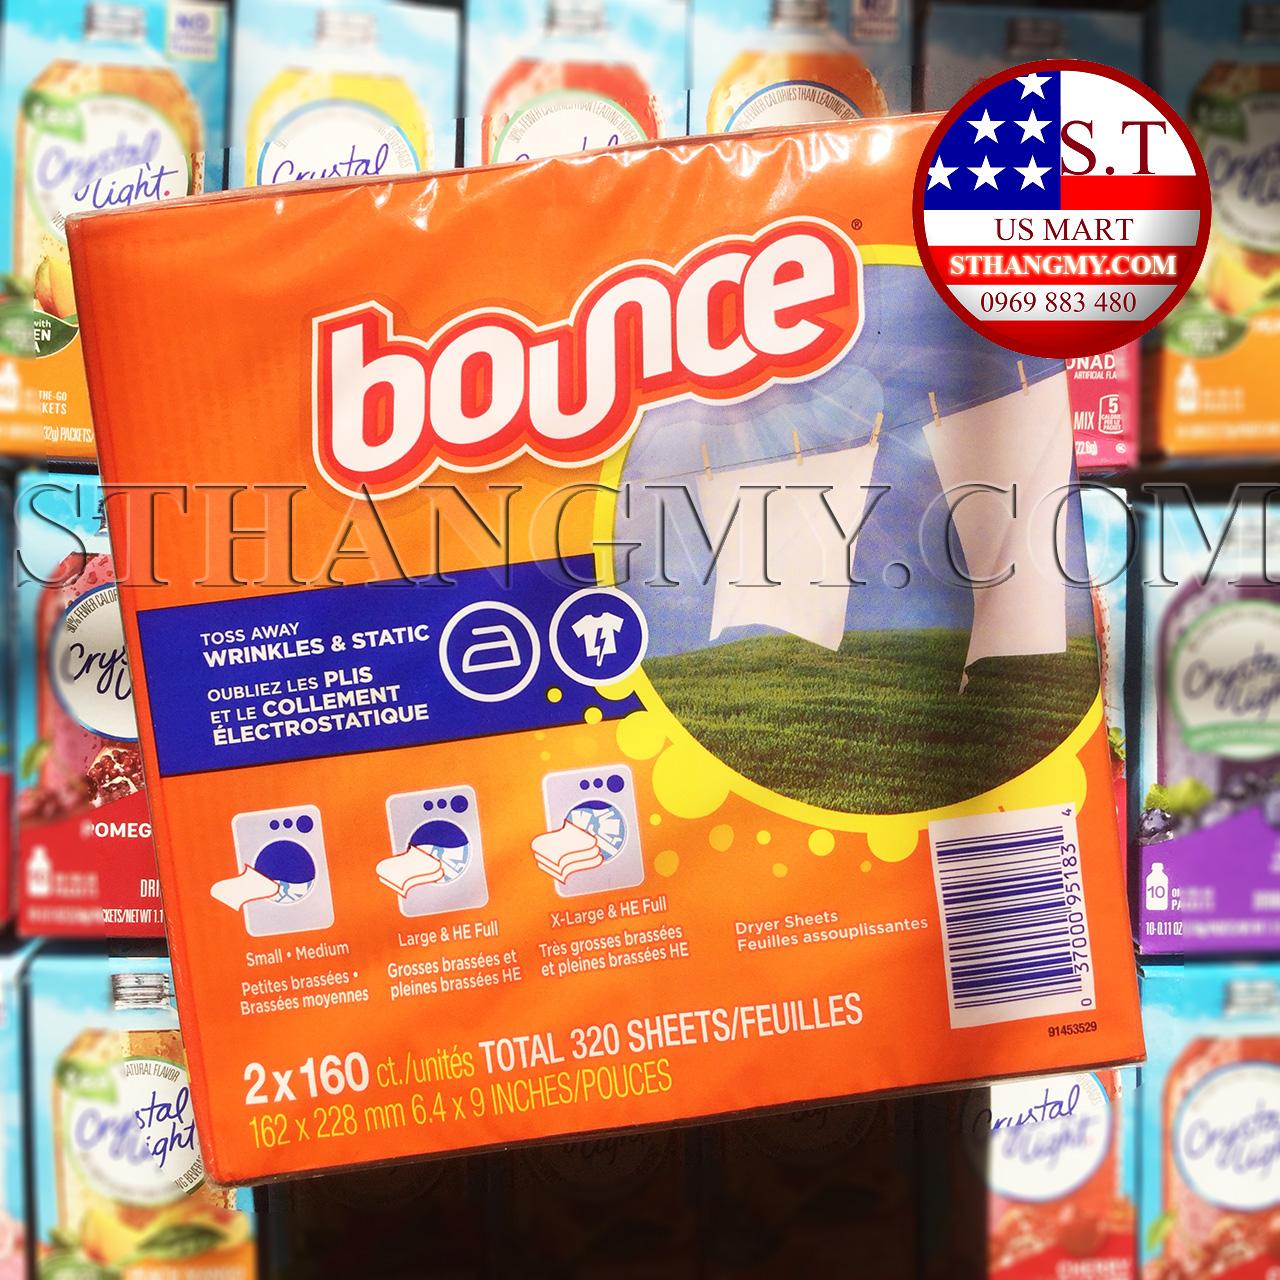 Giấy thơm quần áo Bounce Dry sheet 160 tờ/hộp - NHIỀU CHỨC NĂNG TRONG MỘT HỘP GIẤY